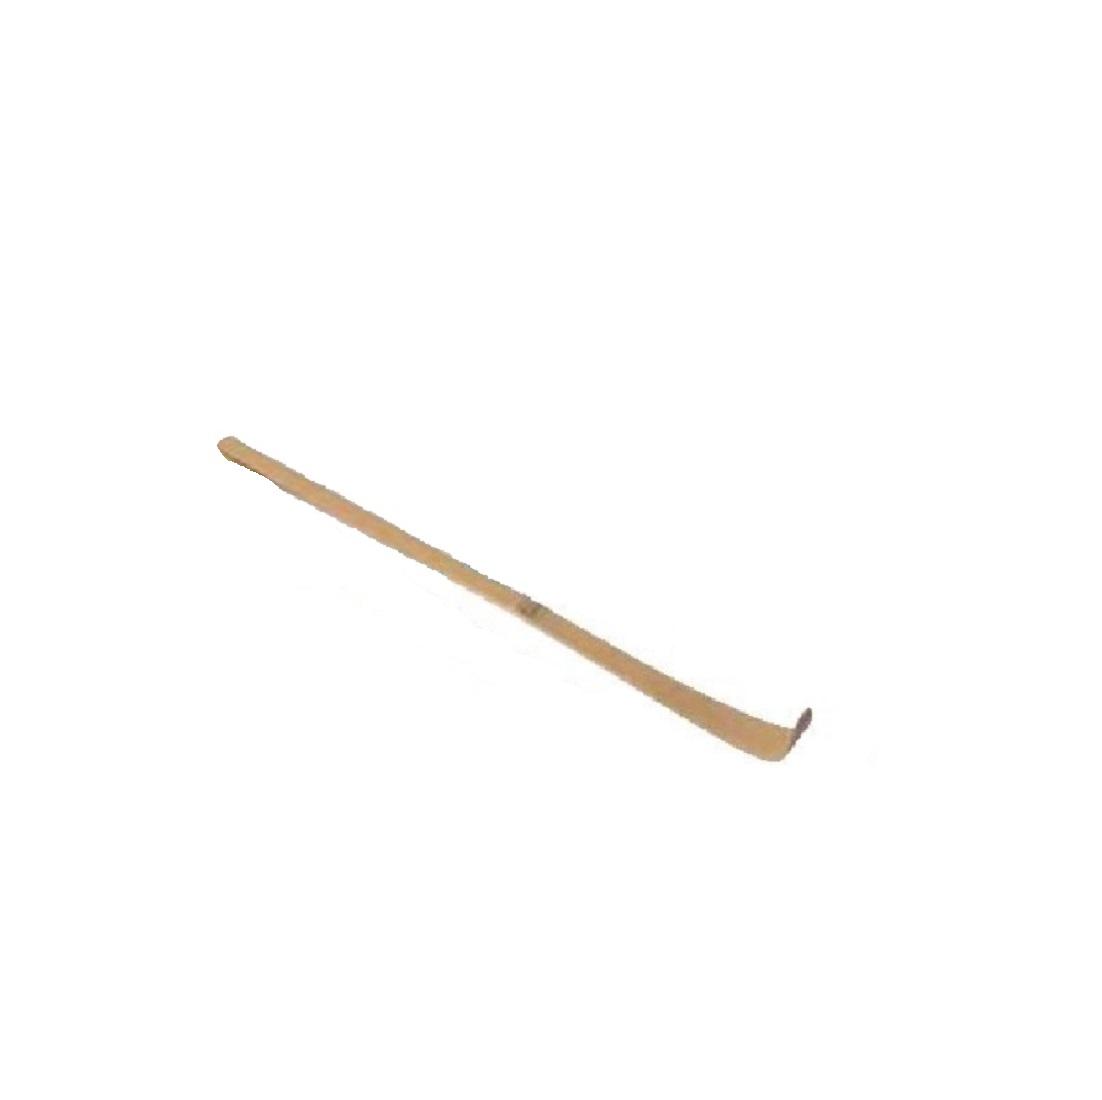 Онлайн каталог PROMENU: Бамбуковая ложка для чая Matcha TeaLogic, длина 17 см                                   140 001